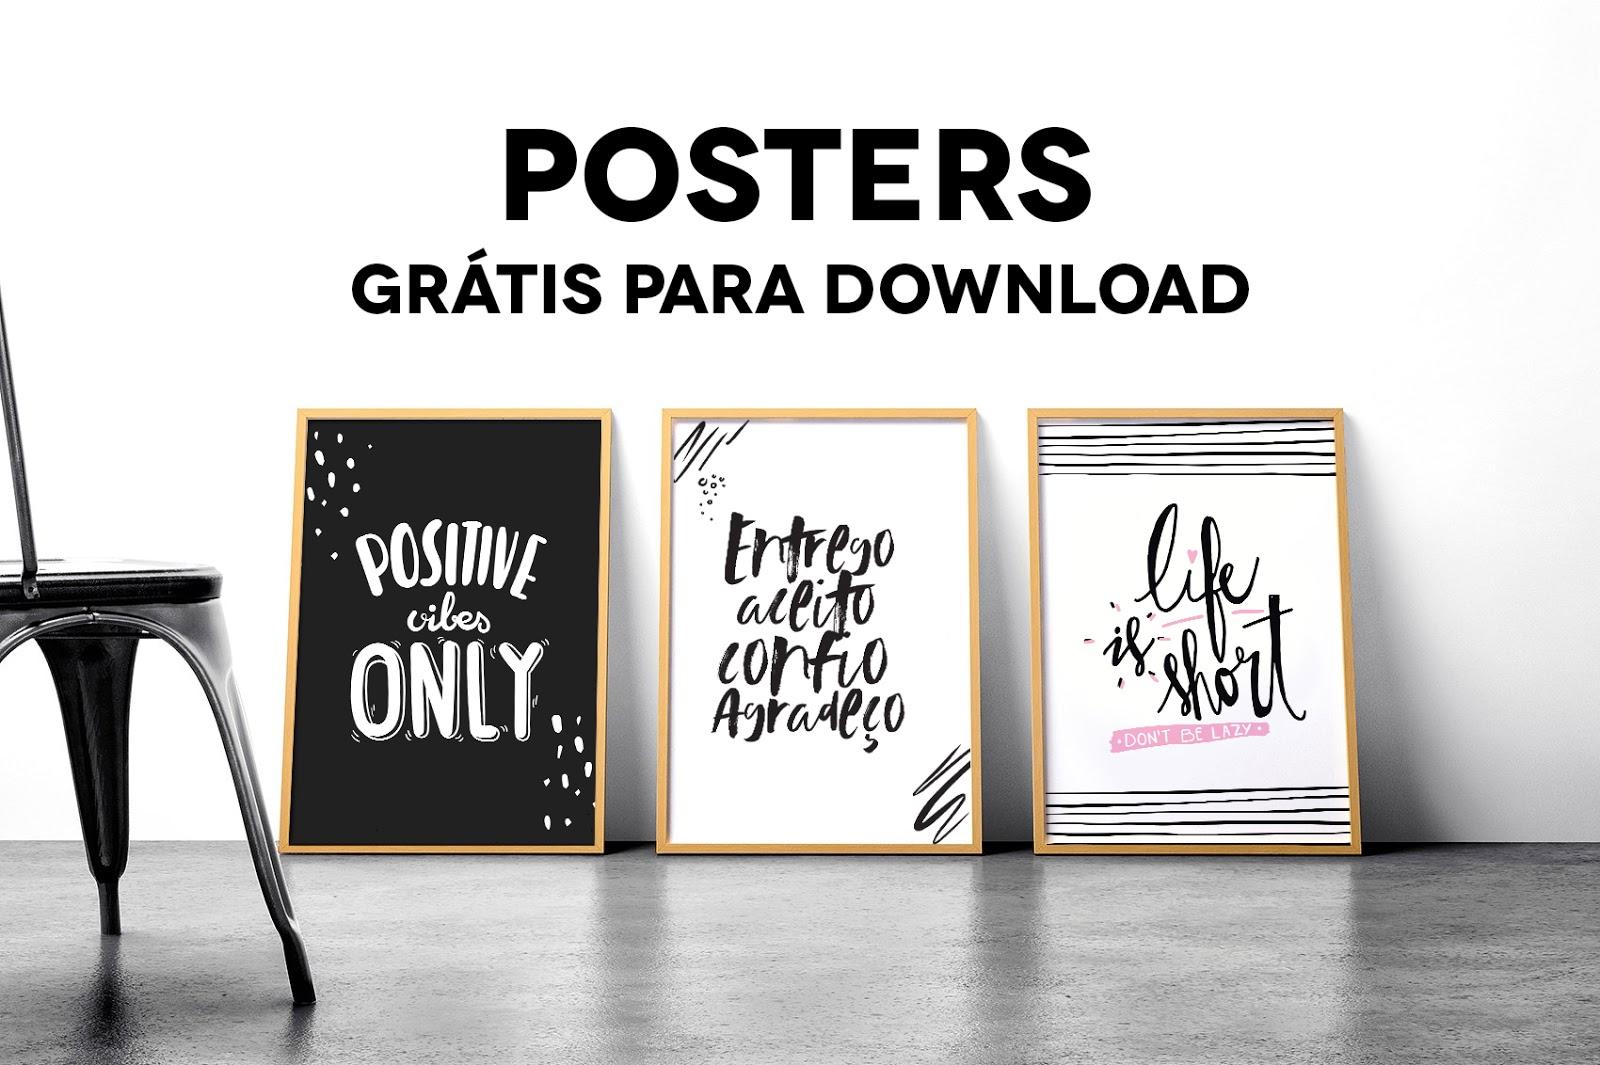 Top CamilaRech.com.br: Para decorar || Posters grátis para download! FH55